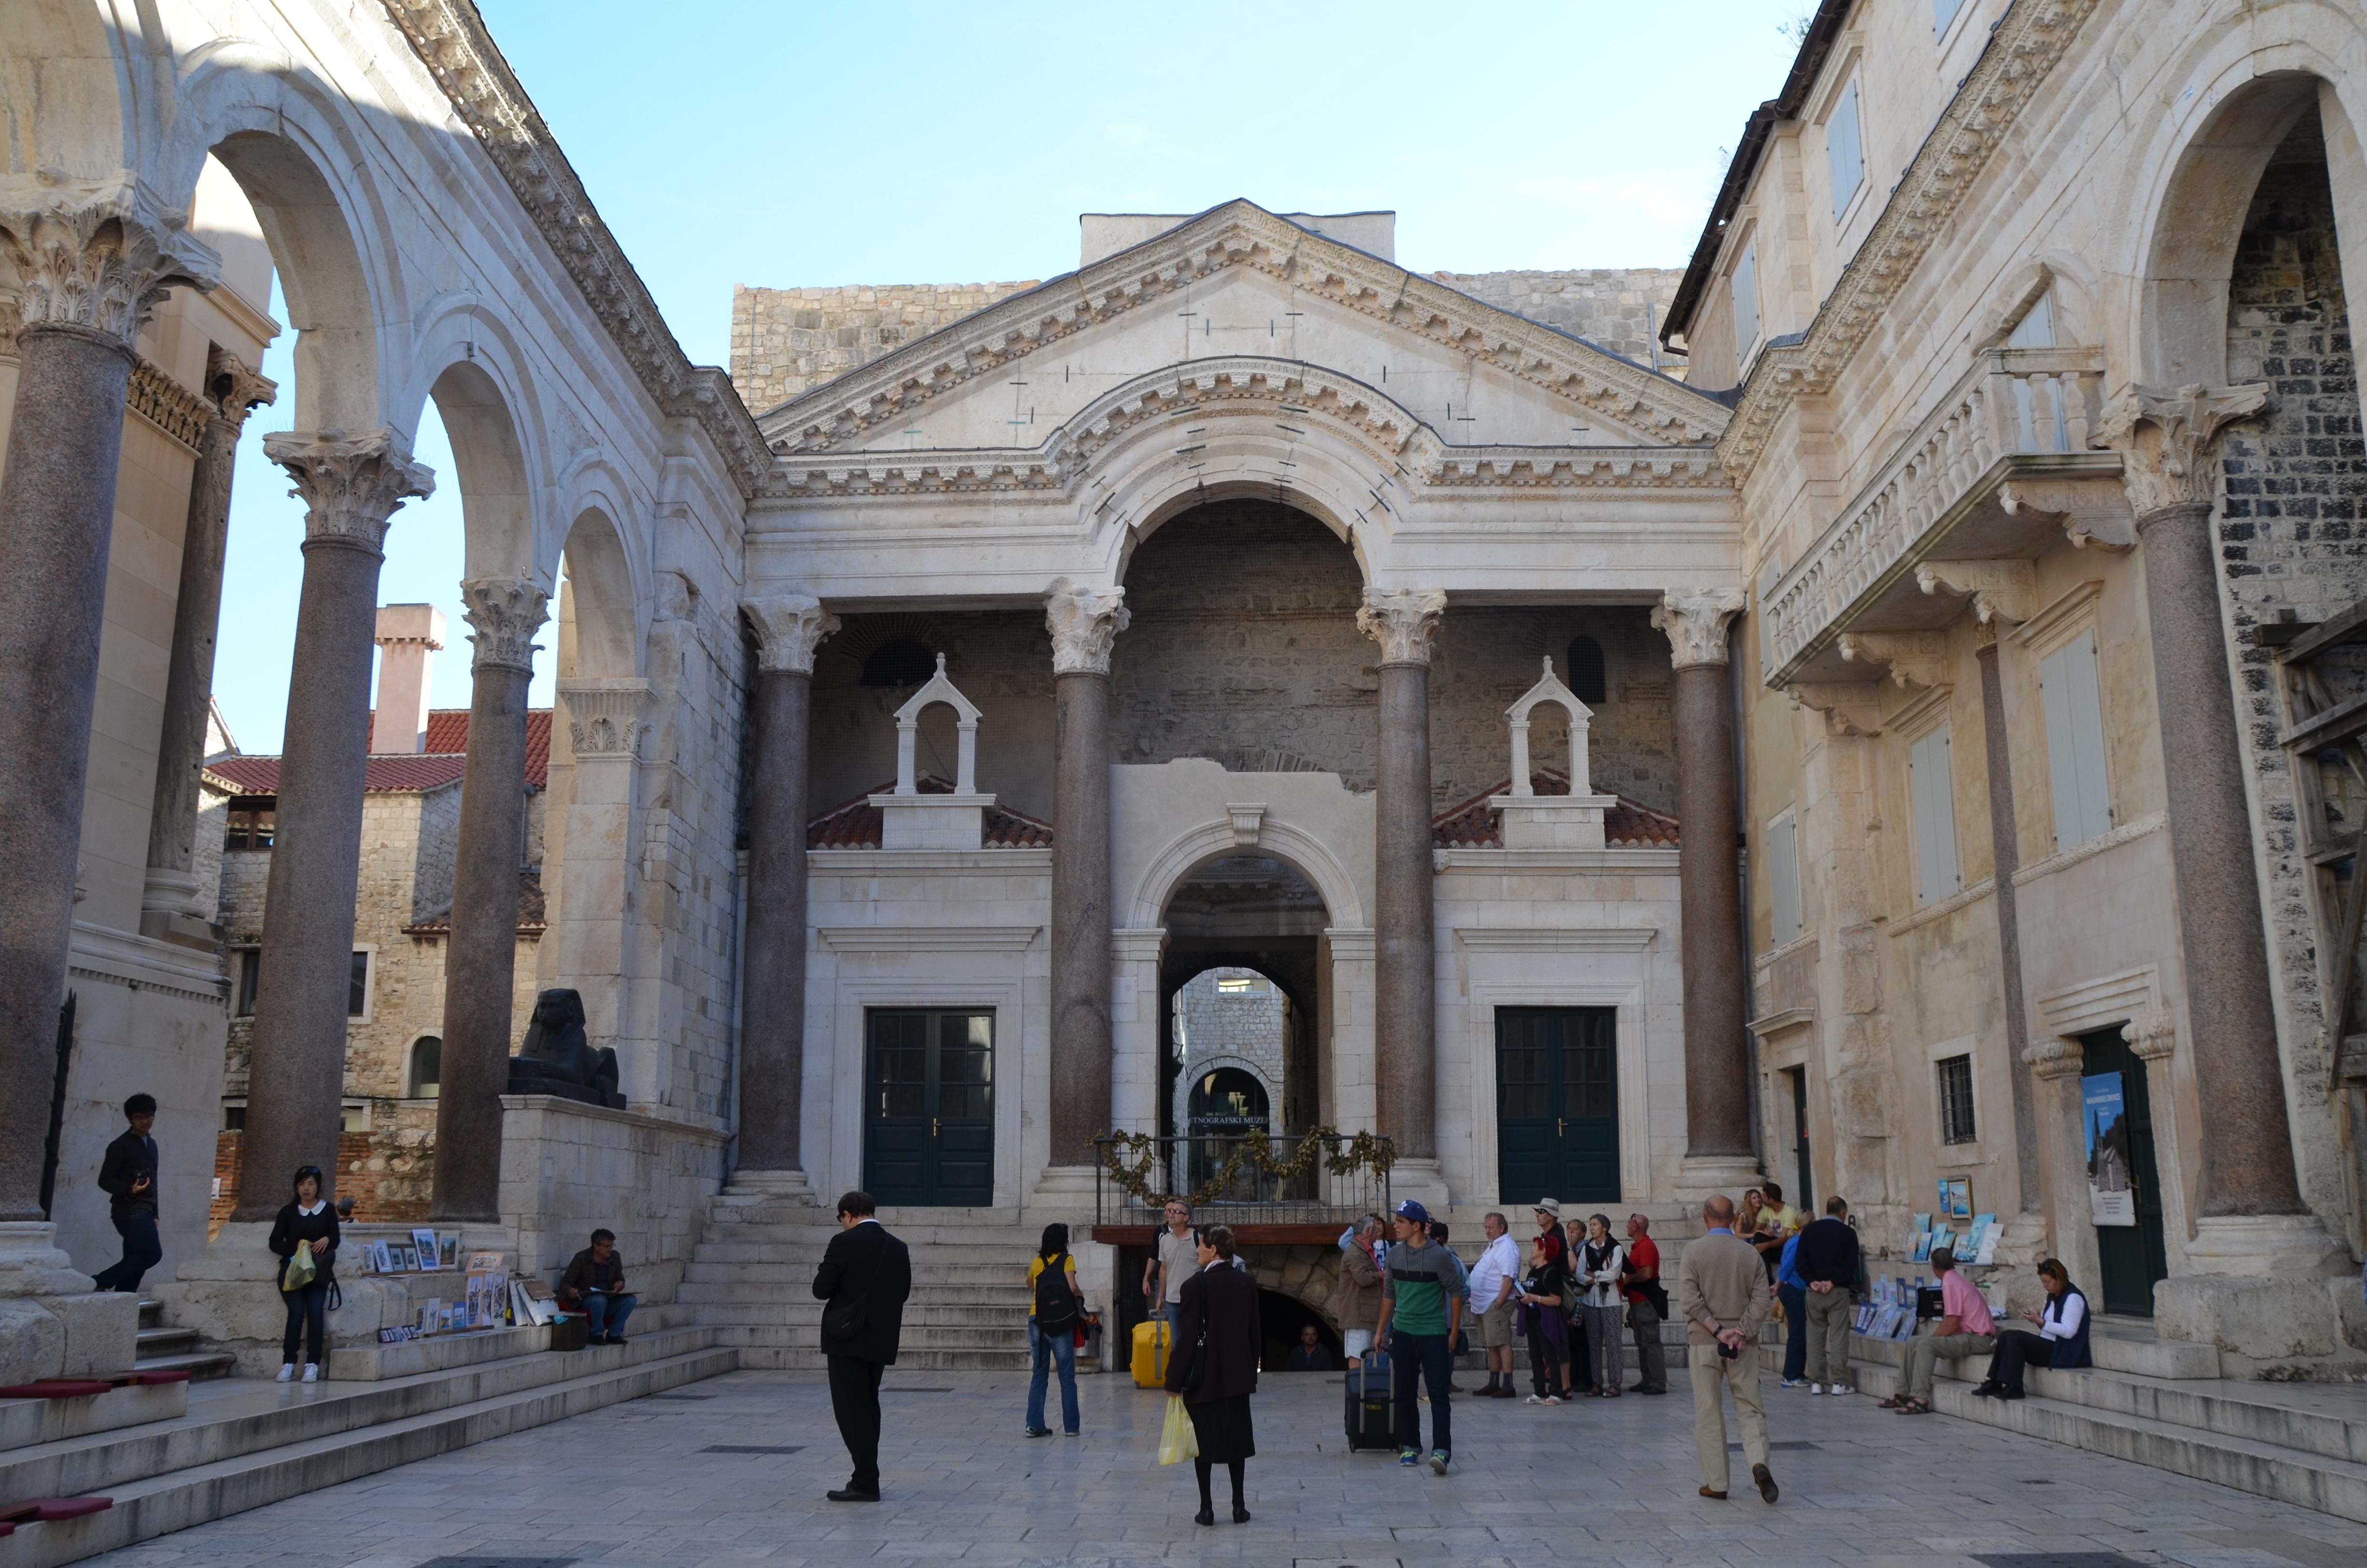 Diocletans palats